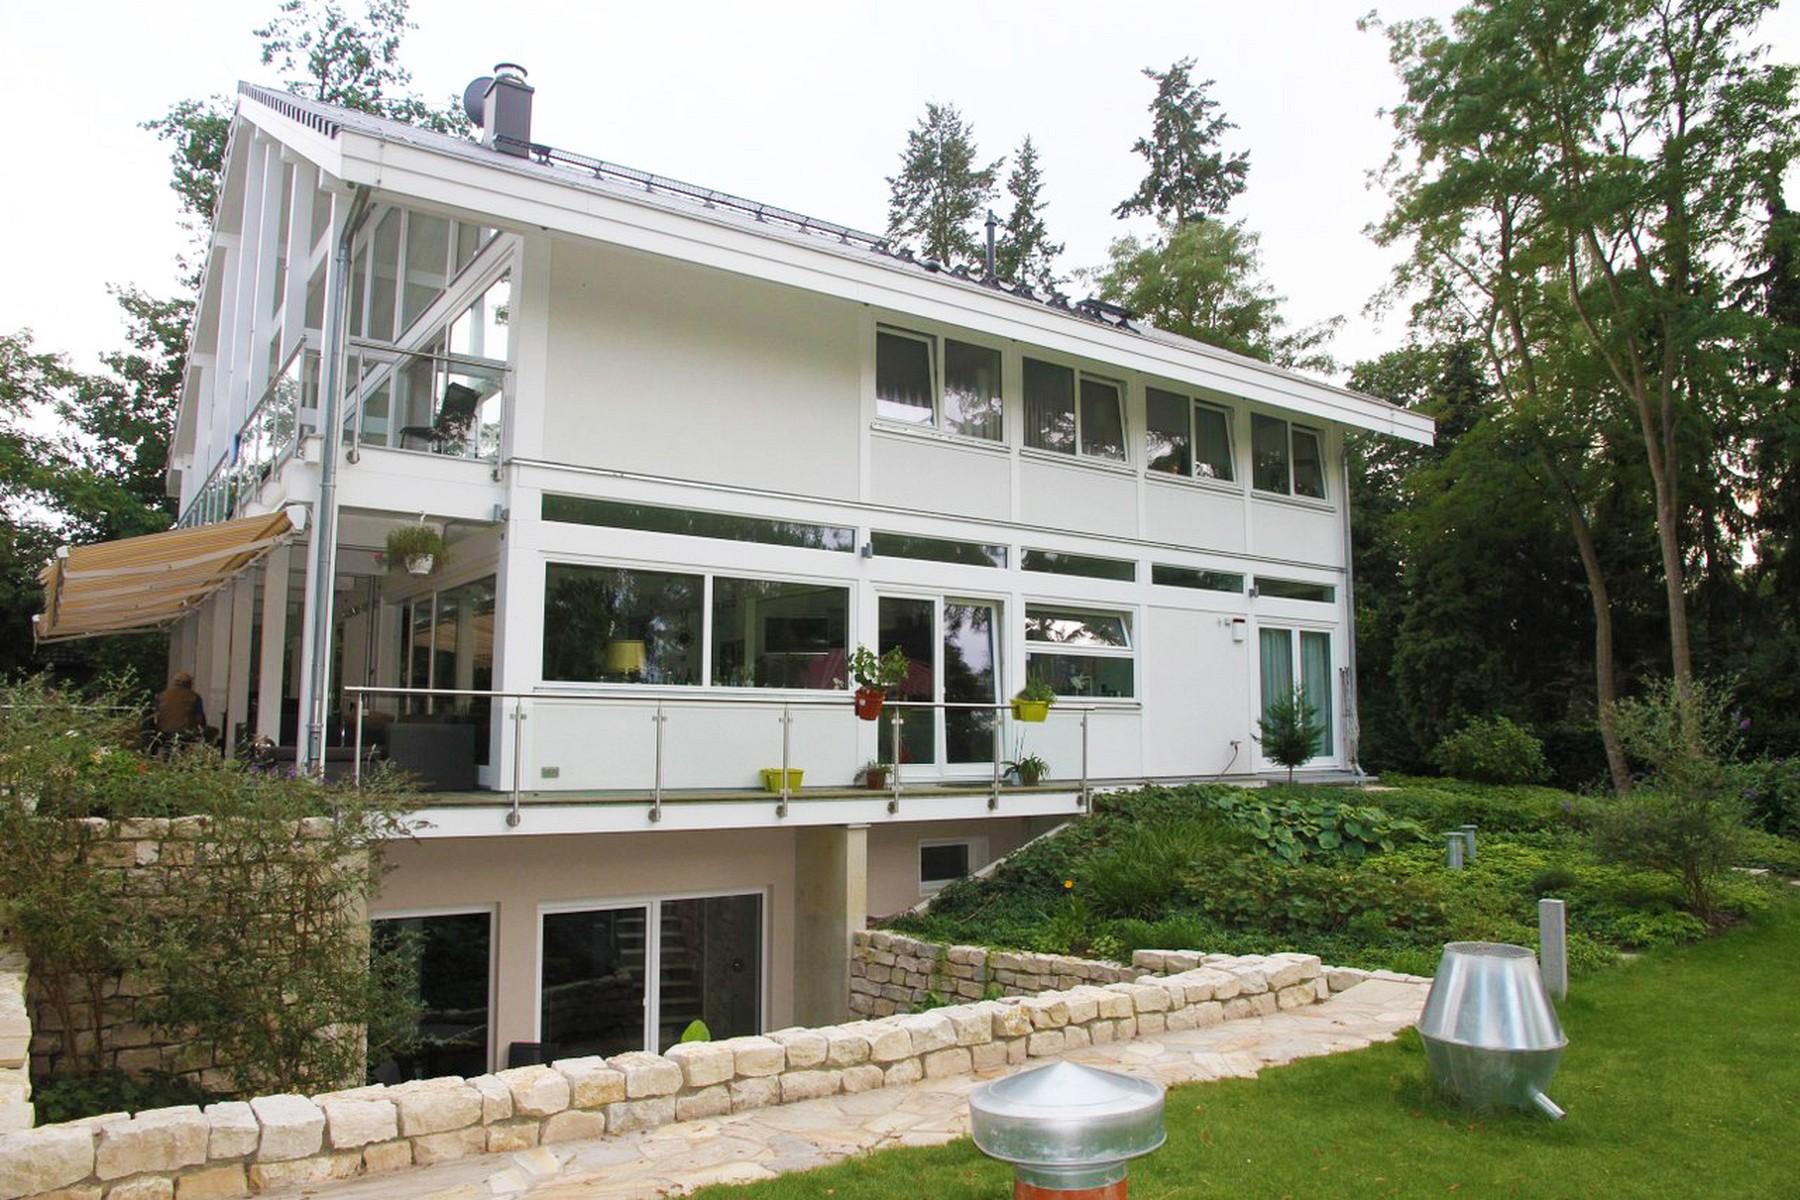 Modernes Fachwerkhaus modernes fachwerkhaus architektenhaus hell holz skelett konstruktion